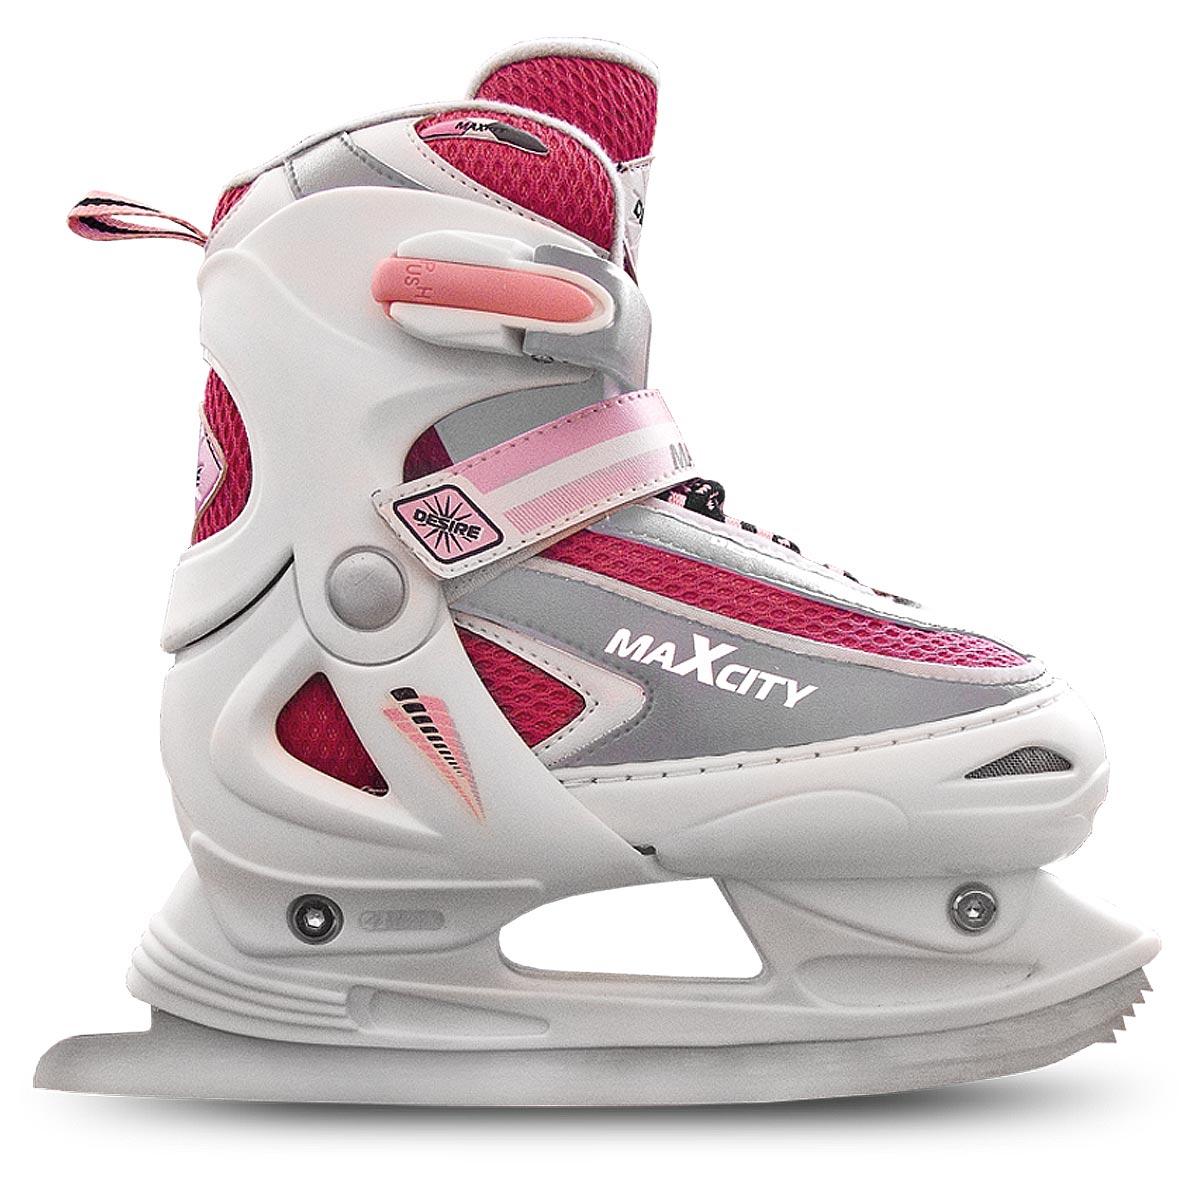 Коньки ледовые женские MaxCity Desire Girl, раздвижные, цвет: розовый, белый, серебряный. Размер 38/41DESIRE girl_розовый, белый, серебряный_38-41